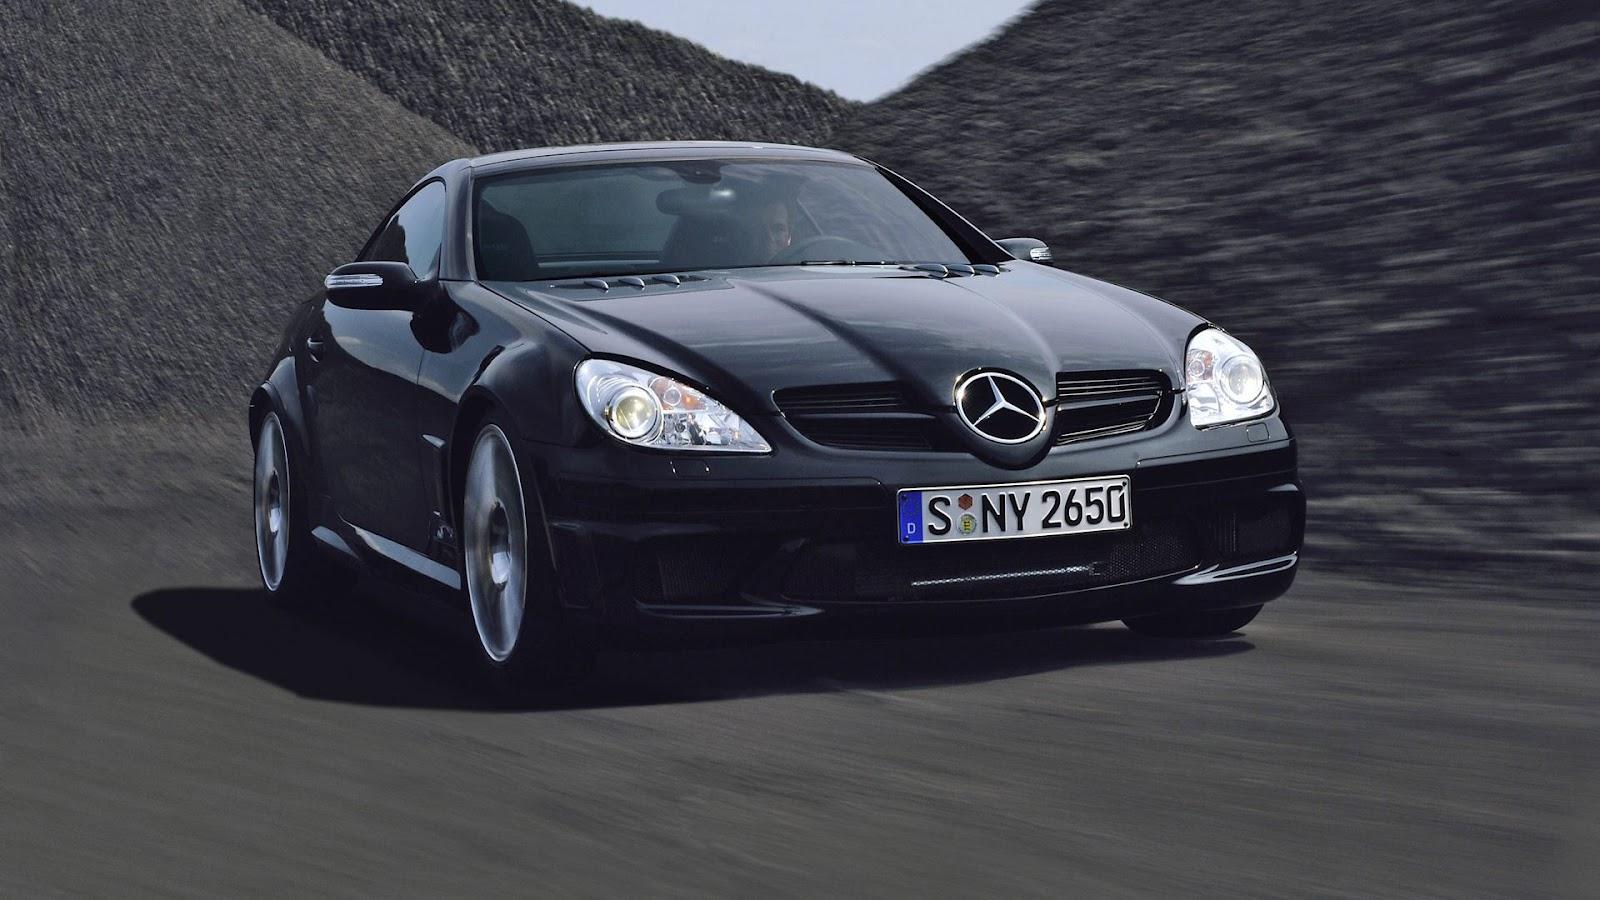 http://4.bp.blogspot.com/-IIkFvZVPsgE/T9YFtpERZTI/AAAAAAAA2xs/WtV2BLQviII/s1600/Mercedes-Benz+SLK+55+AMG+Black+Series.jpg